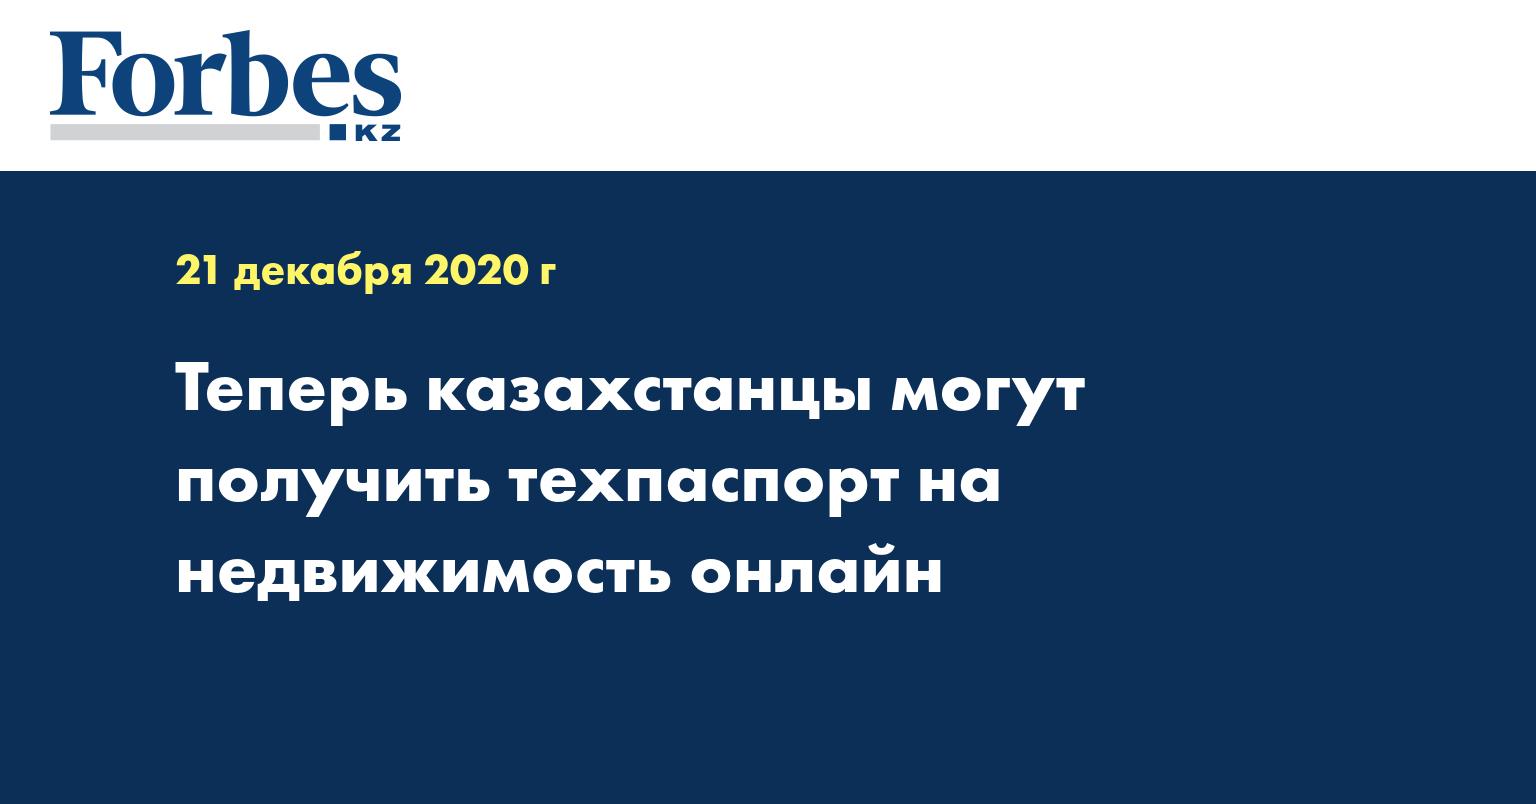 Теперь казахстанцы могут получить техпаспорт на недвижимость онлайн